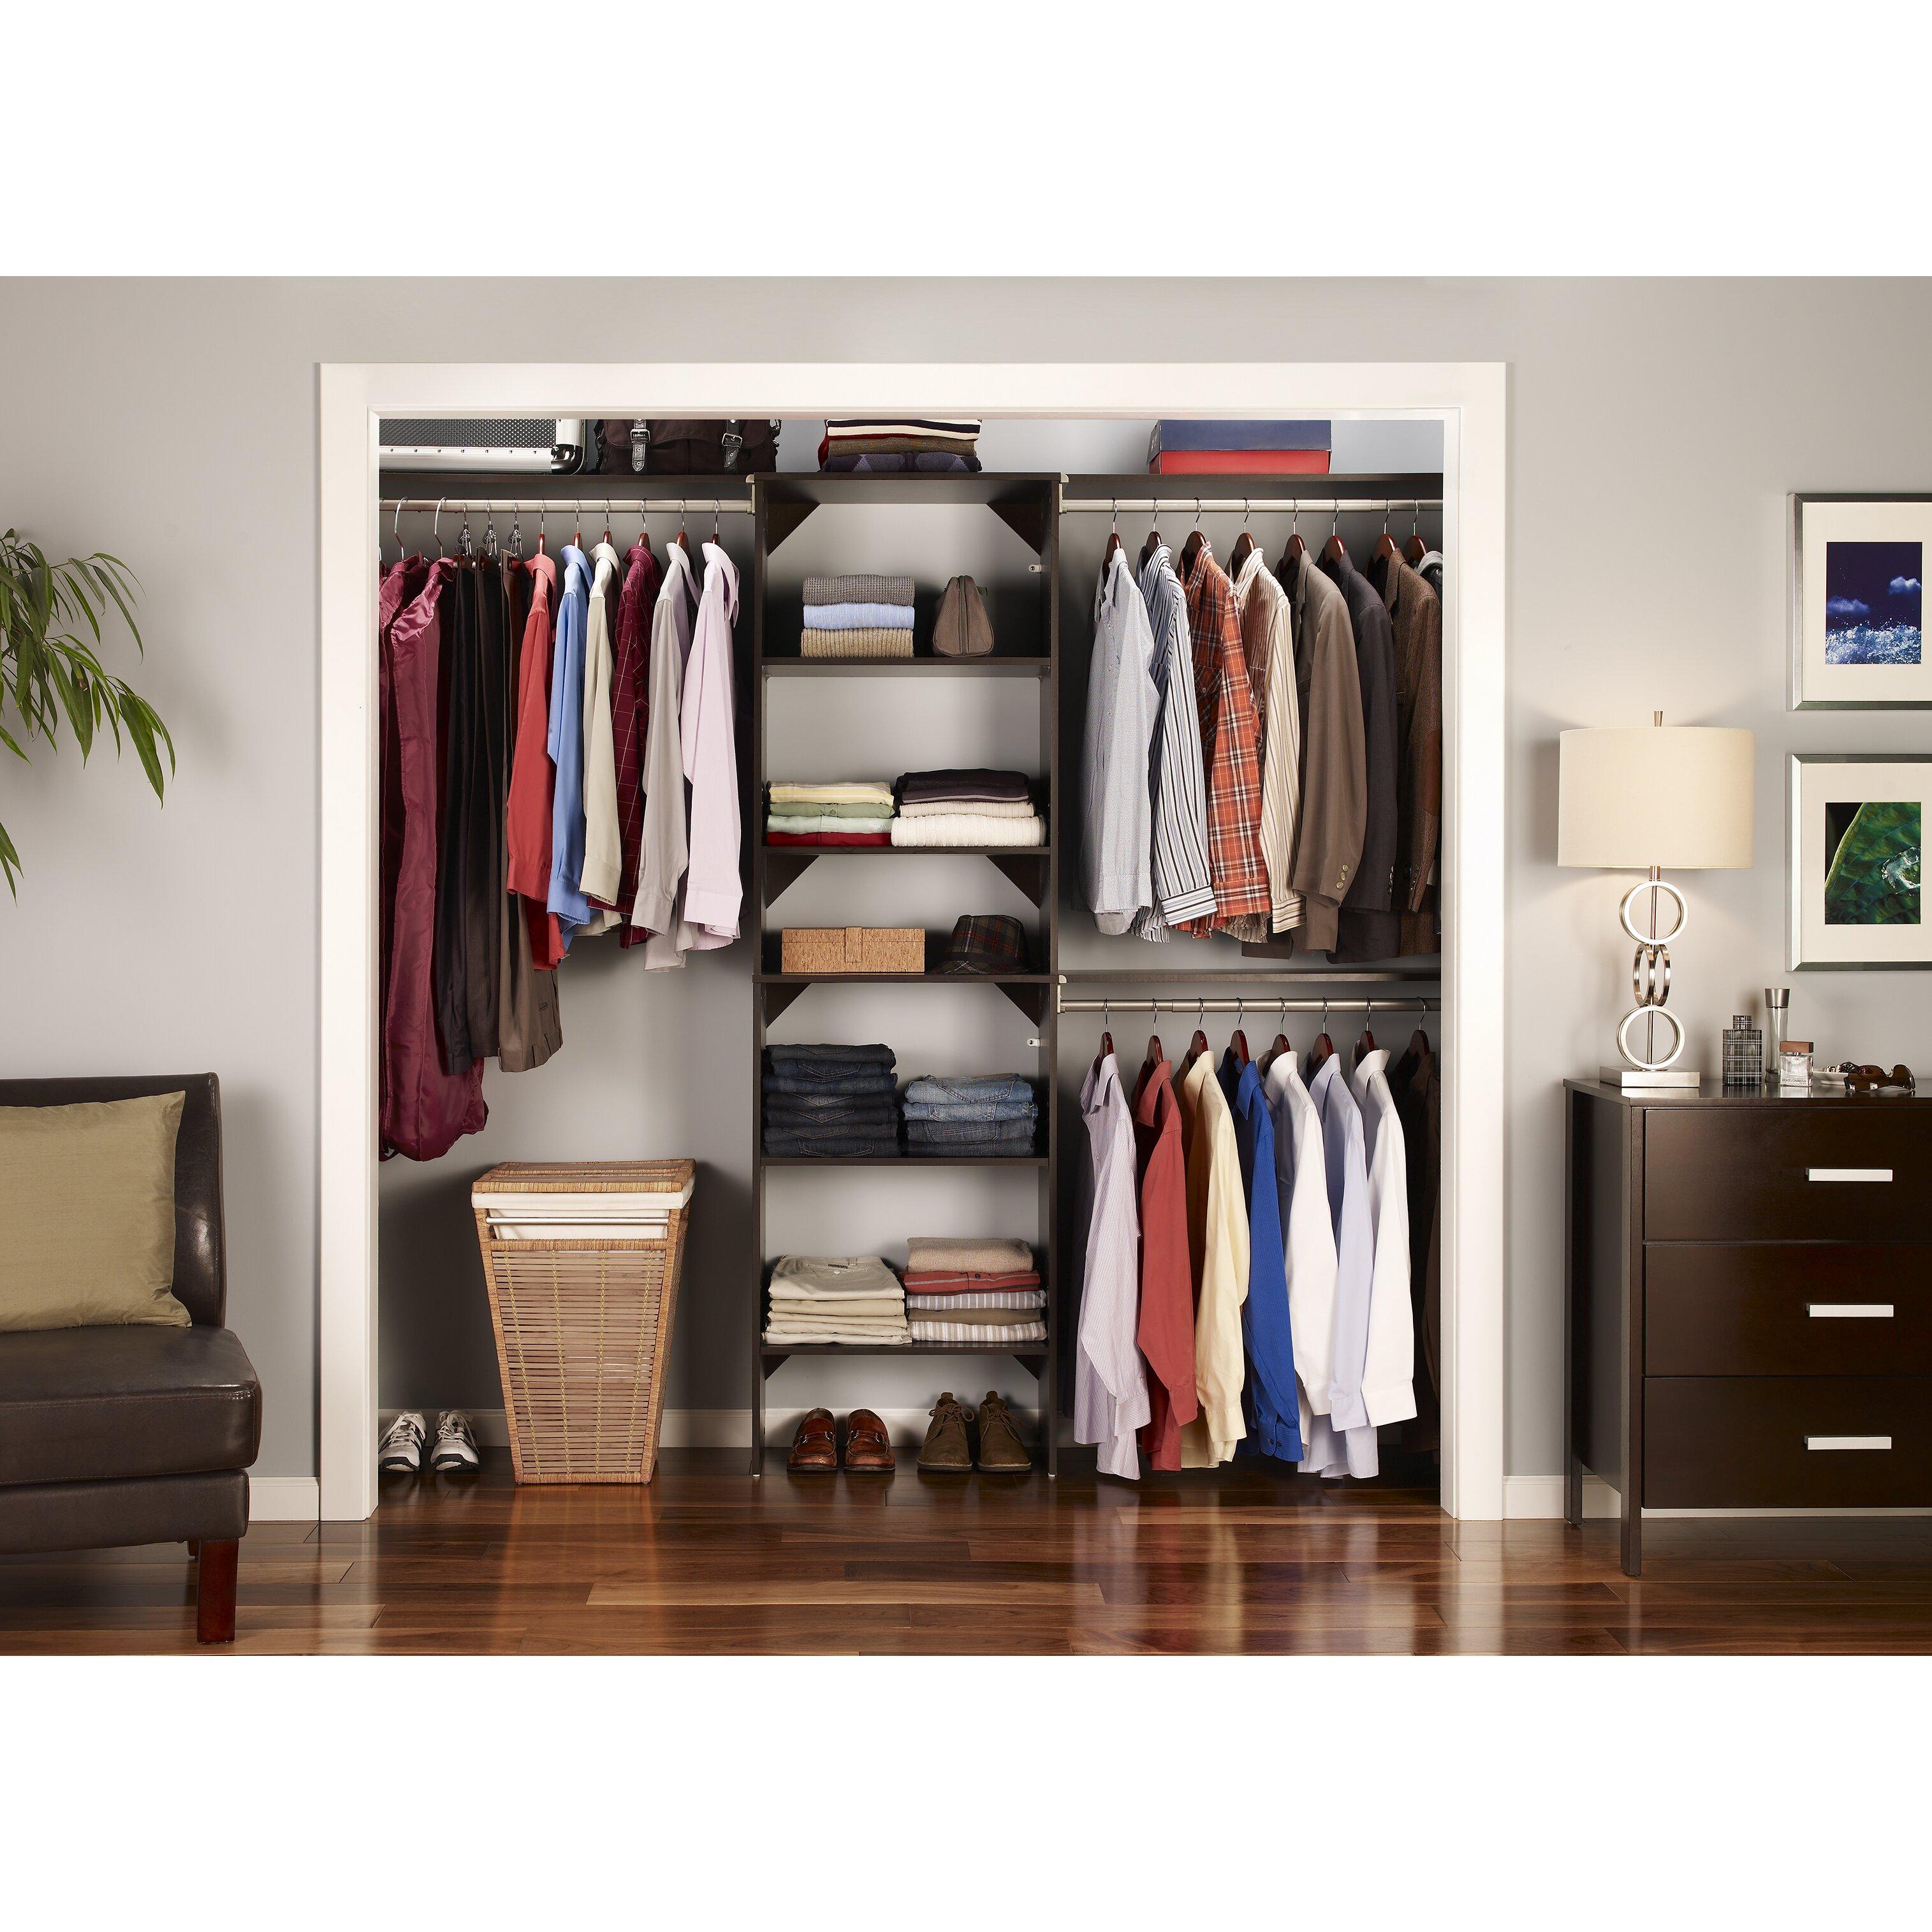 ClosetMaid SuiteSymphony Closet Organizer Starter Kit